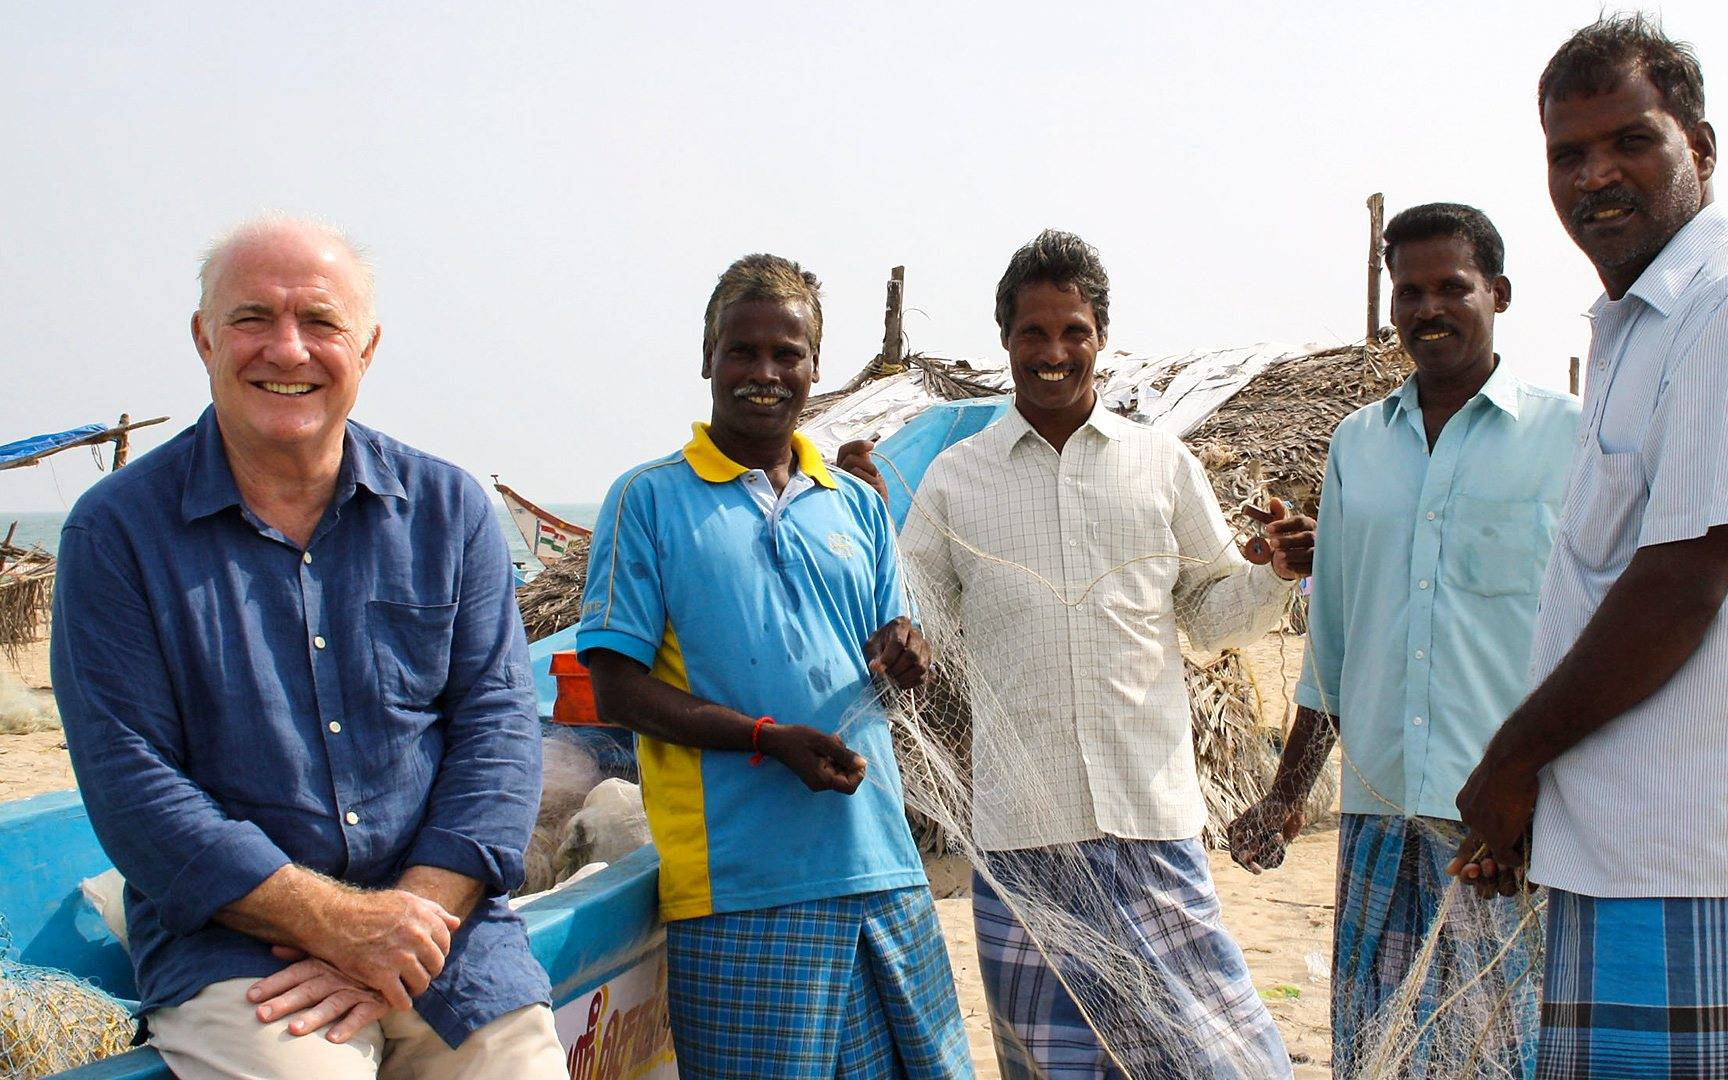 纪录片.BBC.里克·斯坦:印度美食之旅.E01.2013[高清][英字]